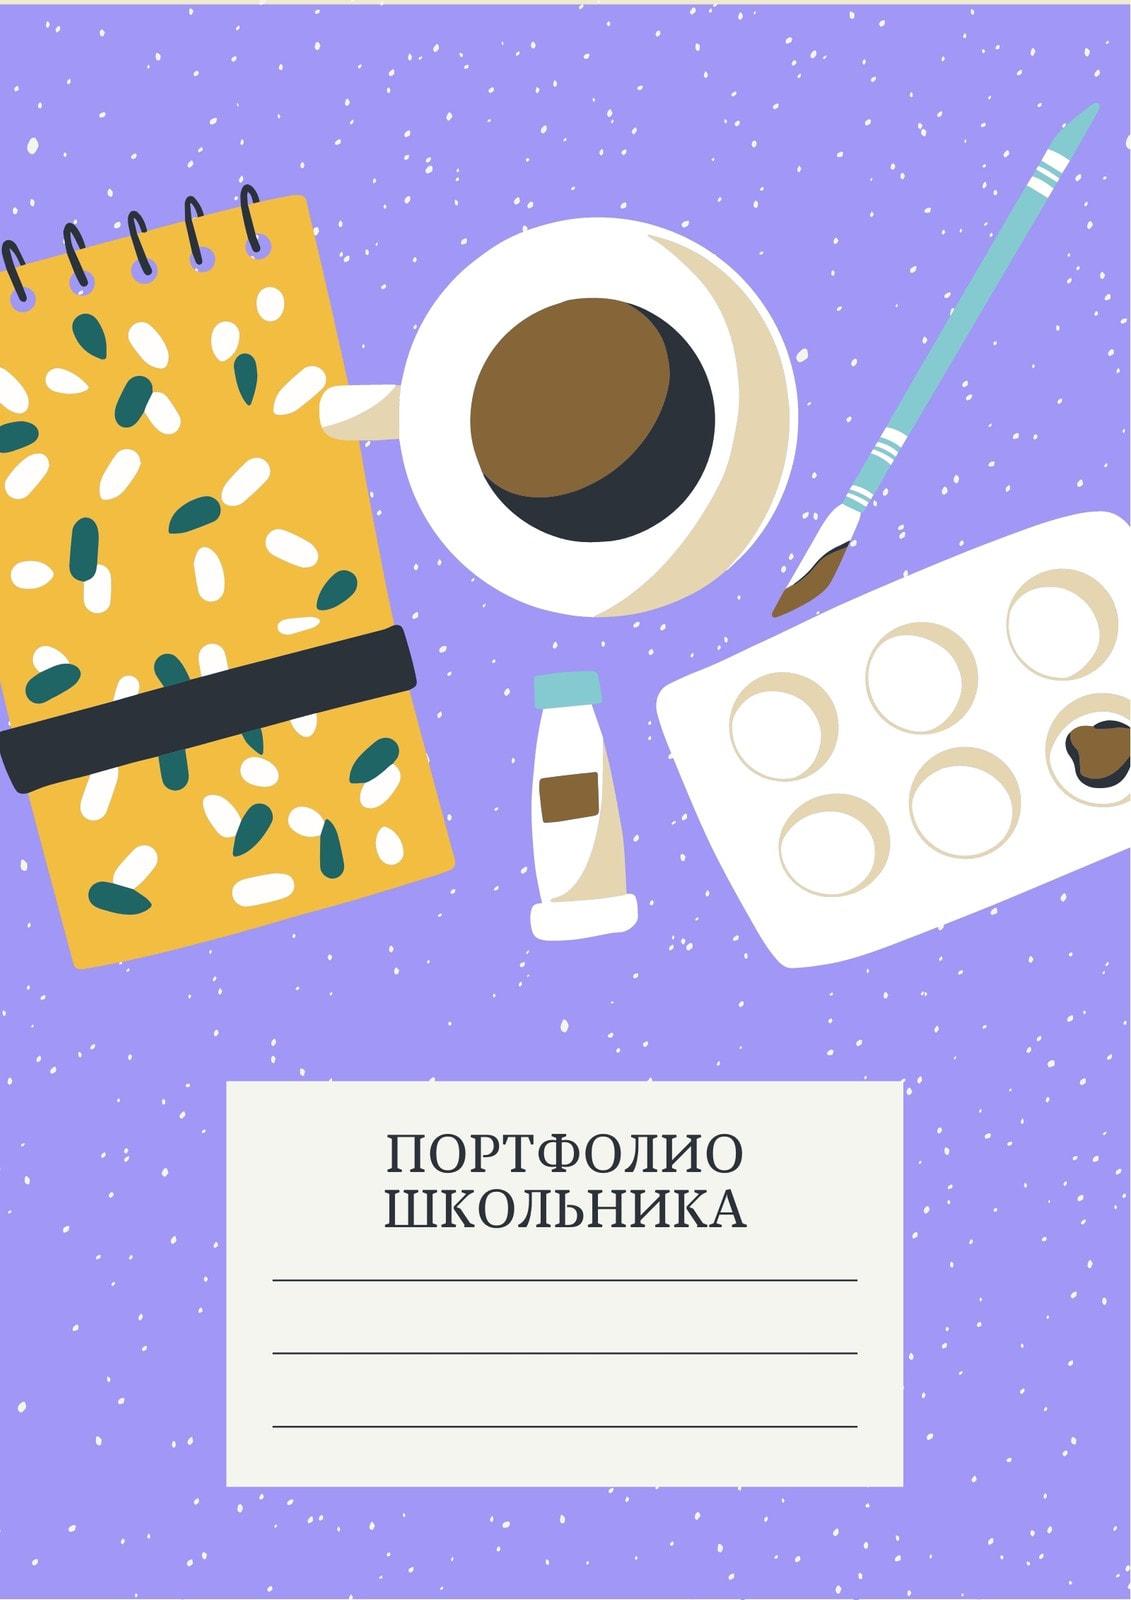 Цветное портфолио школьника с текстурным фоном и иллюстрациями